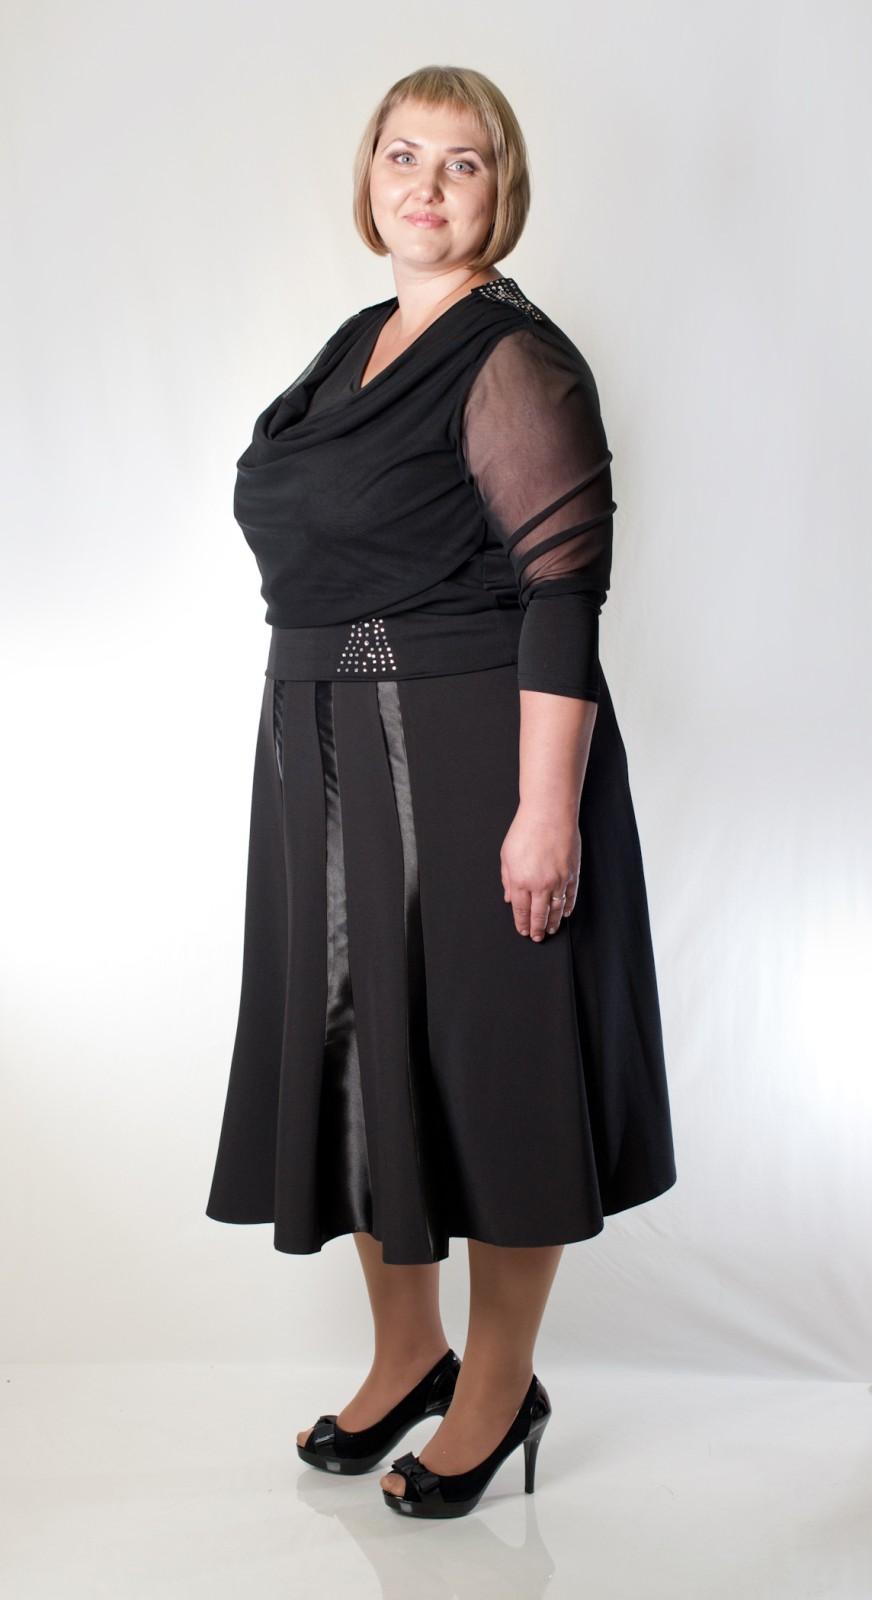 Одежда Больших Размеров Женская Богатырь Магазин